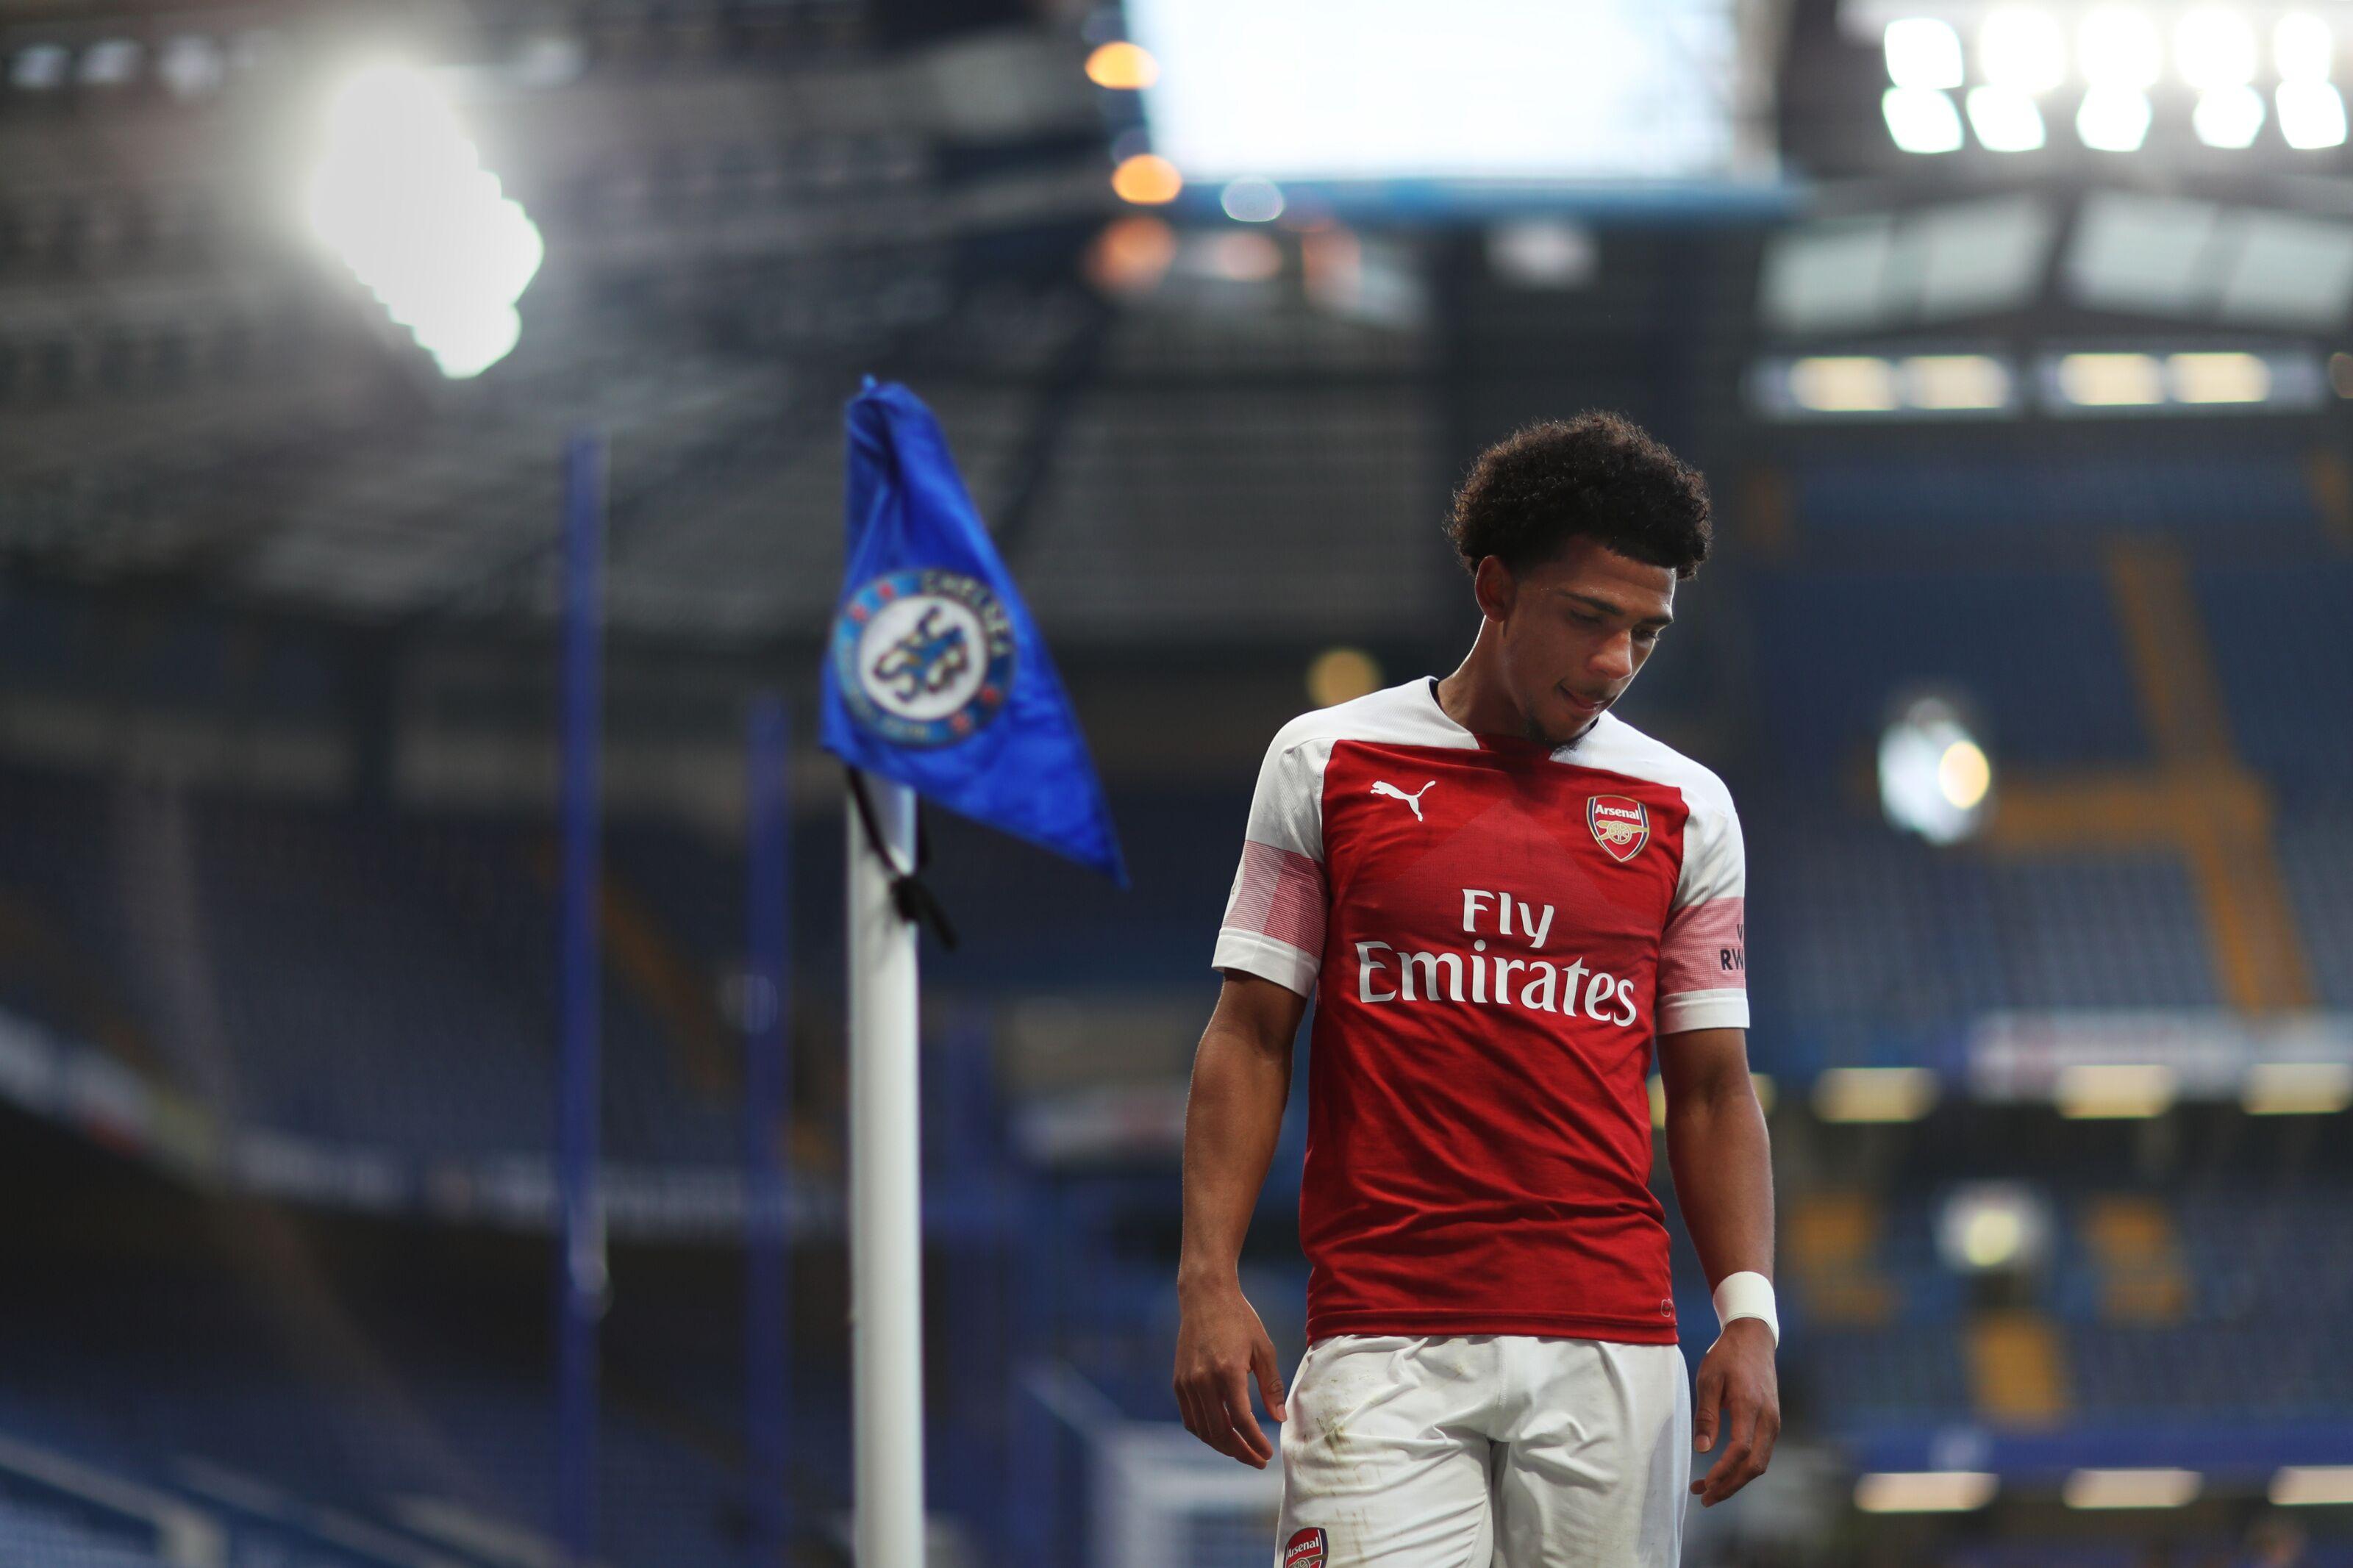 Arsenal: Serge Gnabry sheds light on Xavier Amaechi